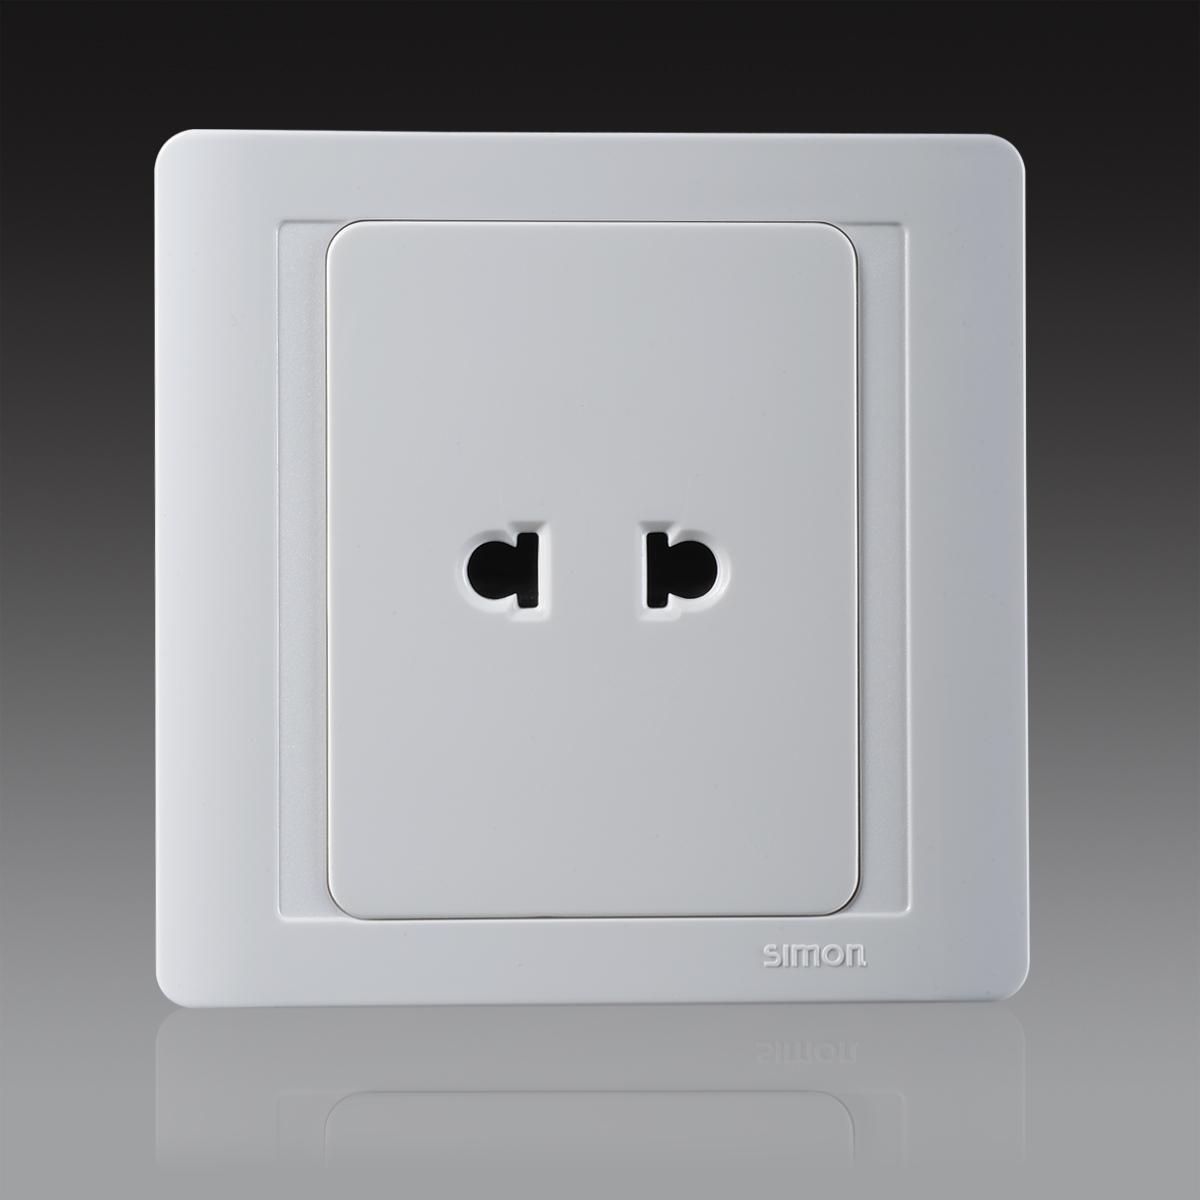 西蒙插座面板N51071